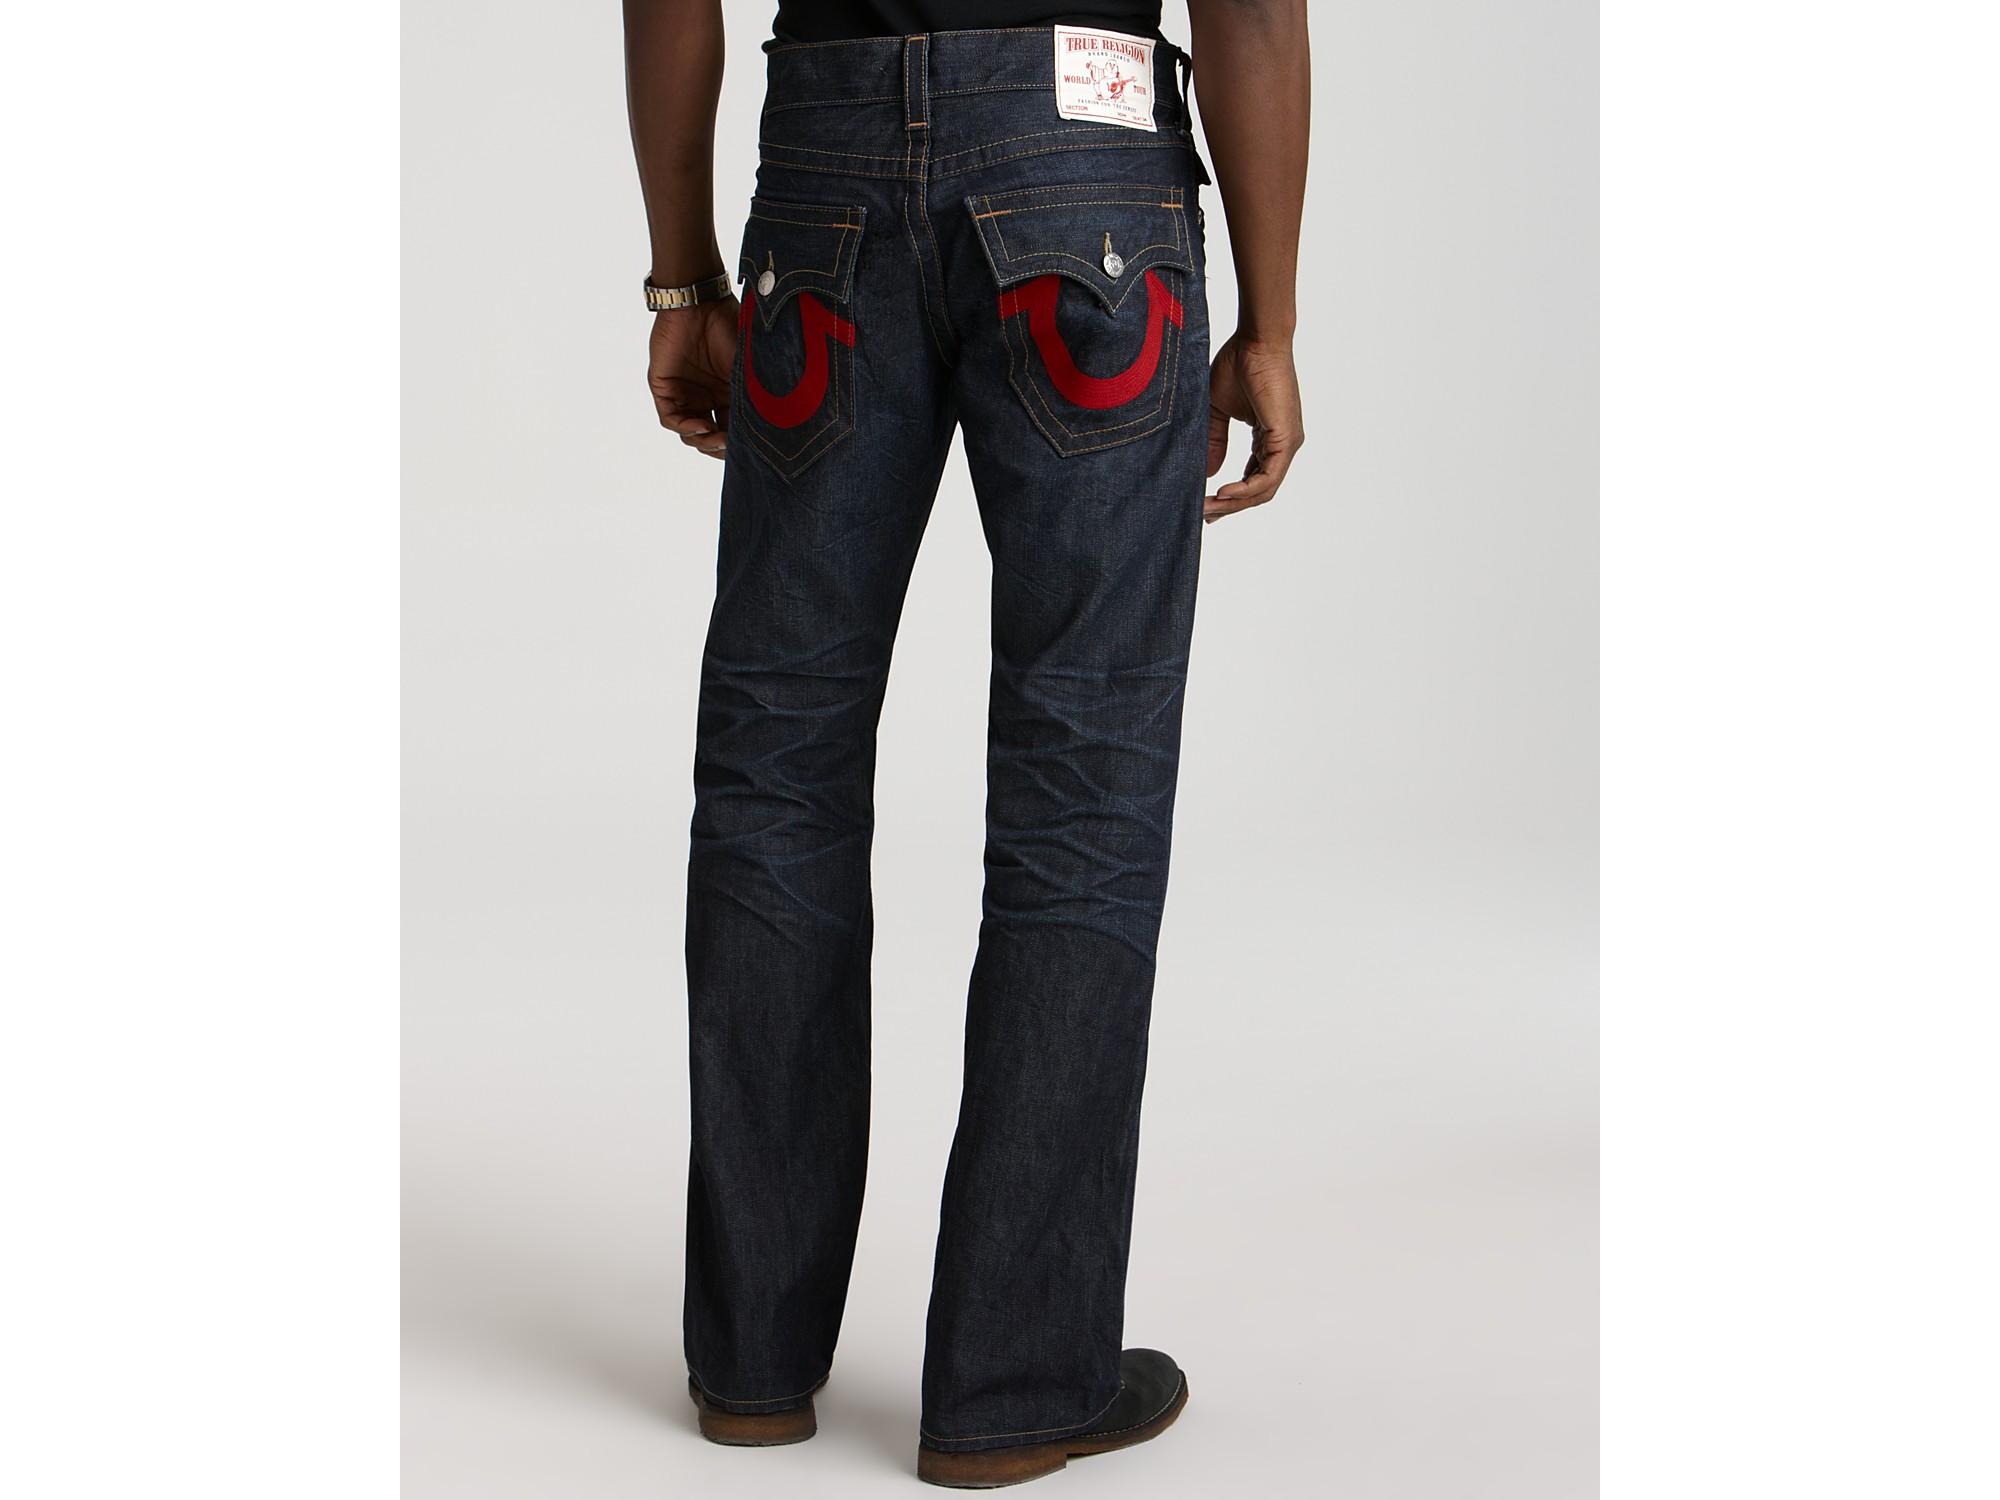 ash true religion ricky red stitch nashville jeans in blue for men lyst. Black Bedroom Furniture Sets. Home Design Ideas